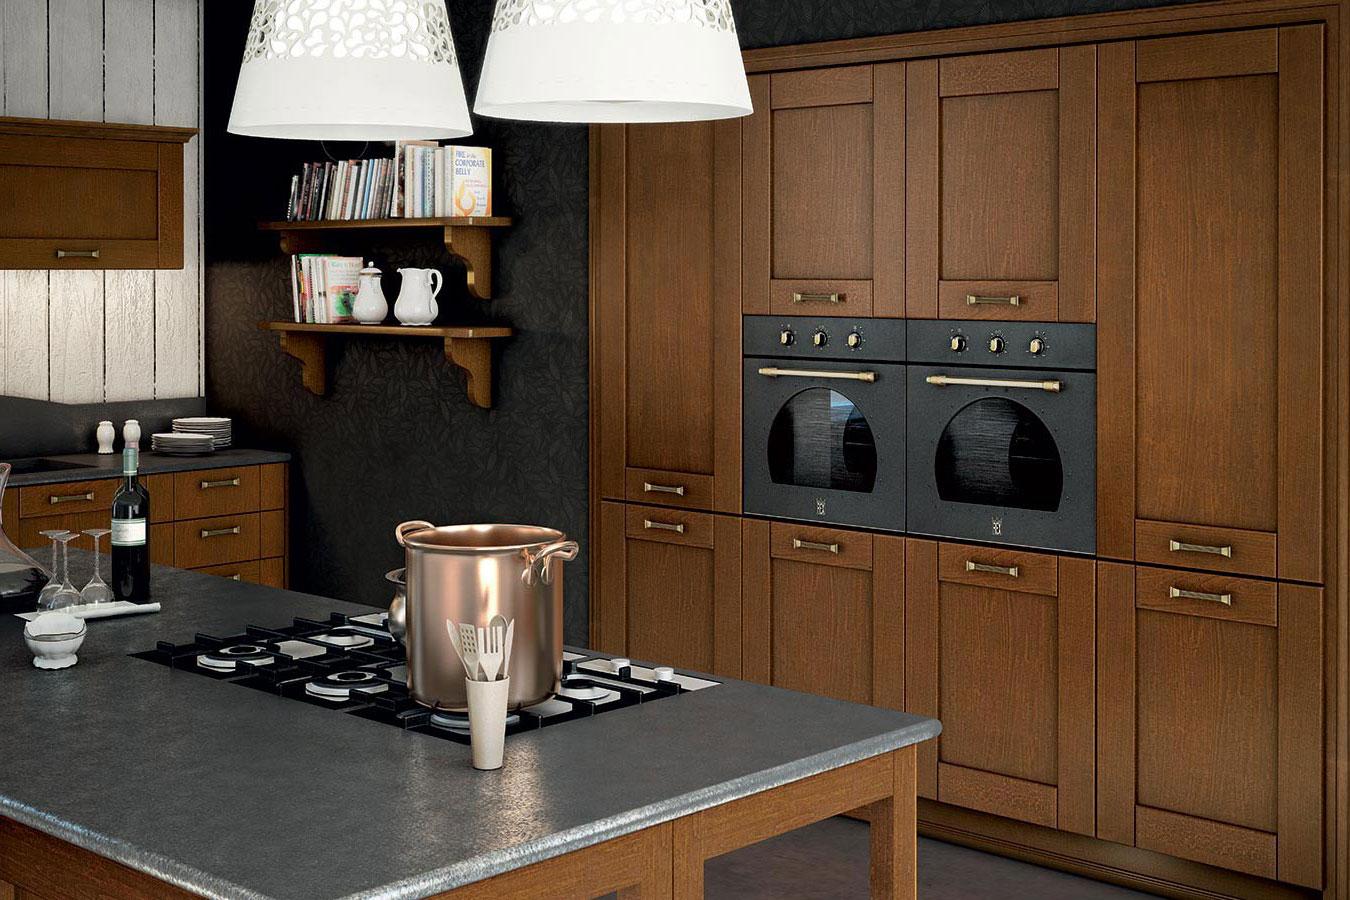 Arredo3 cucina agnese 4 classica componibile legno vetro piano granito arredamento interni - Arredamento cucina classica ...